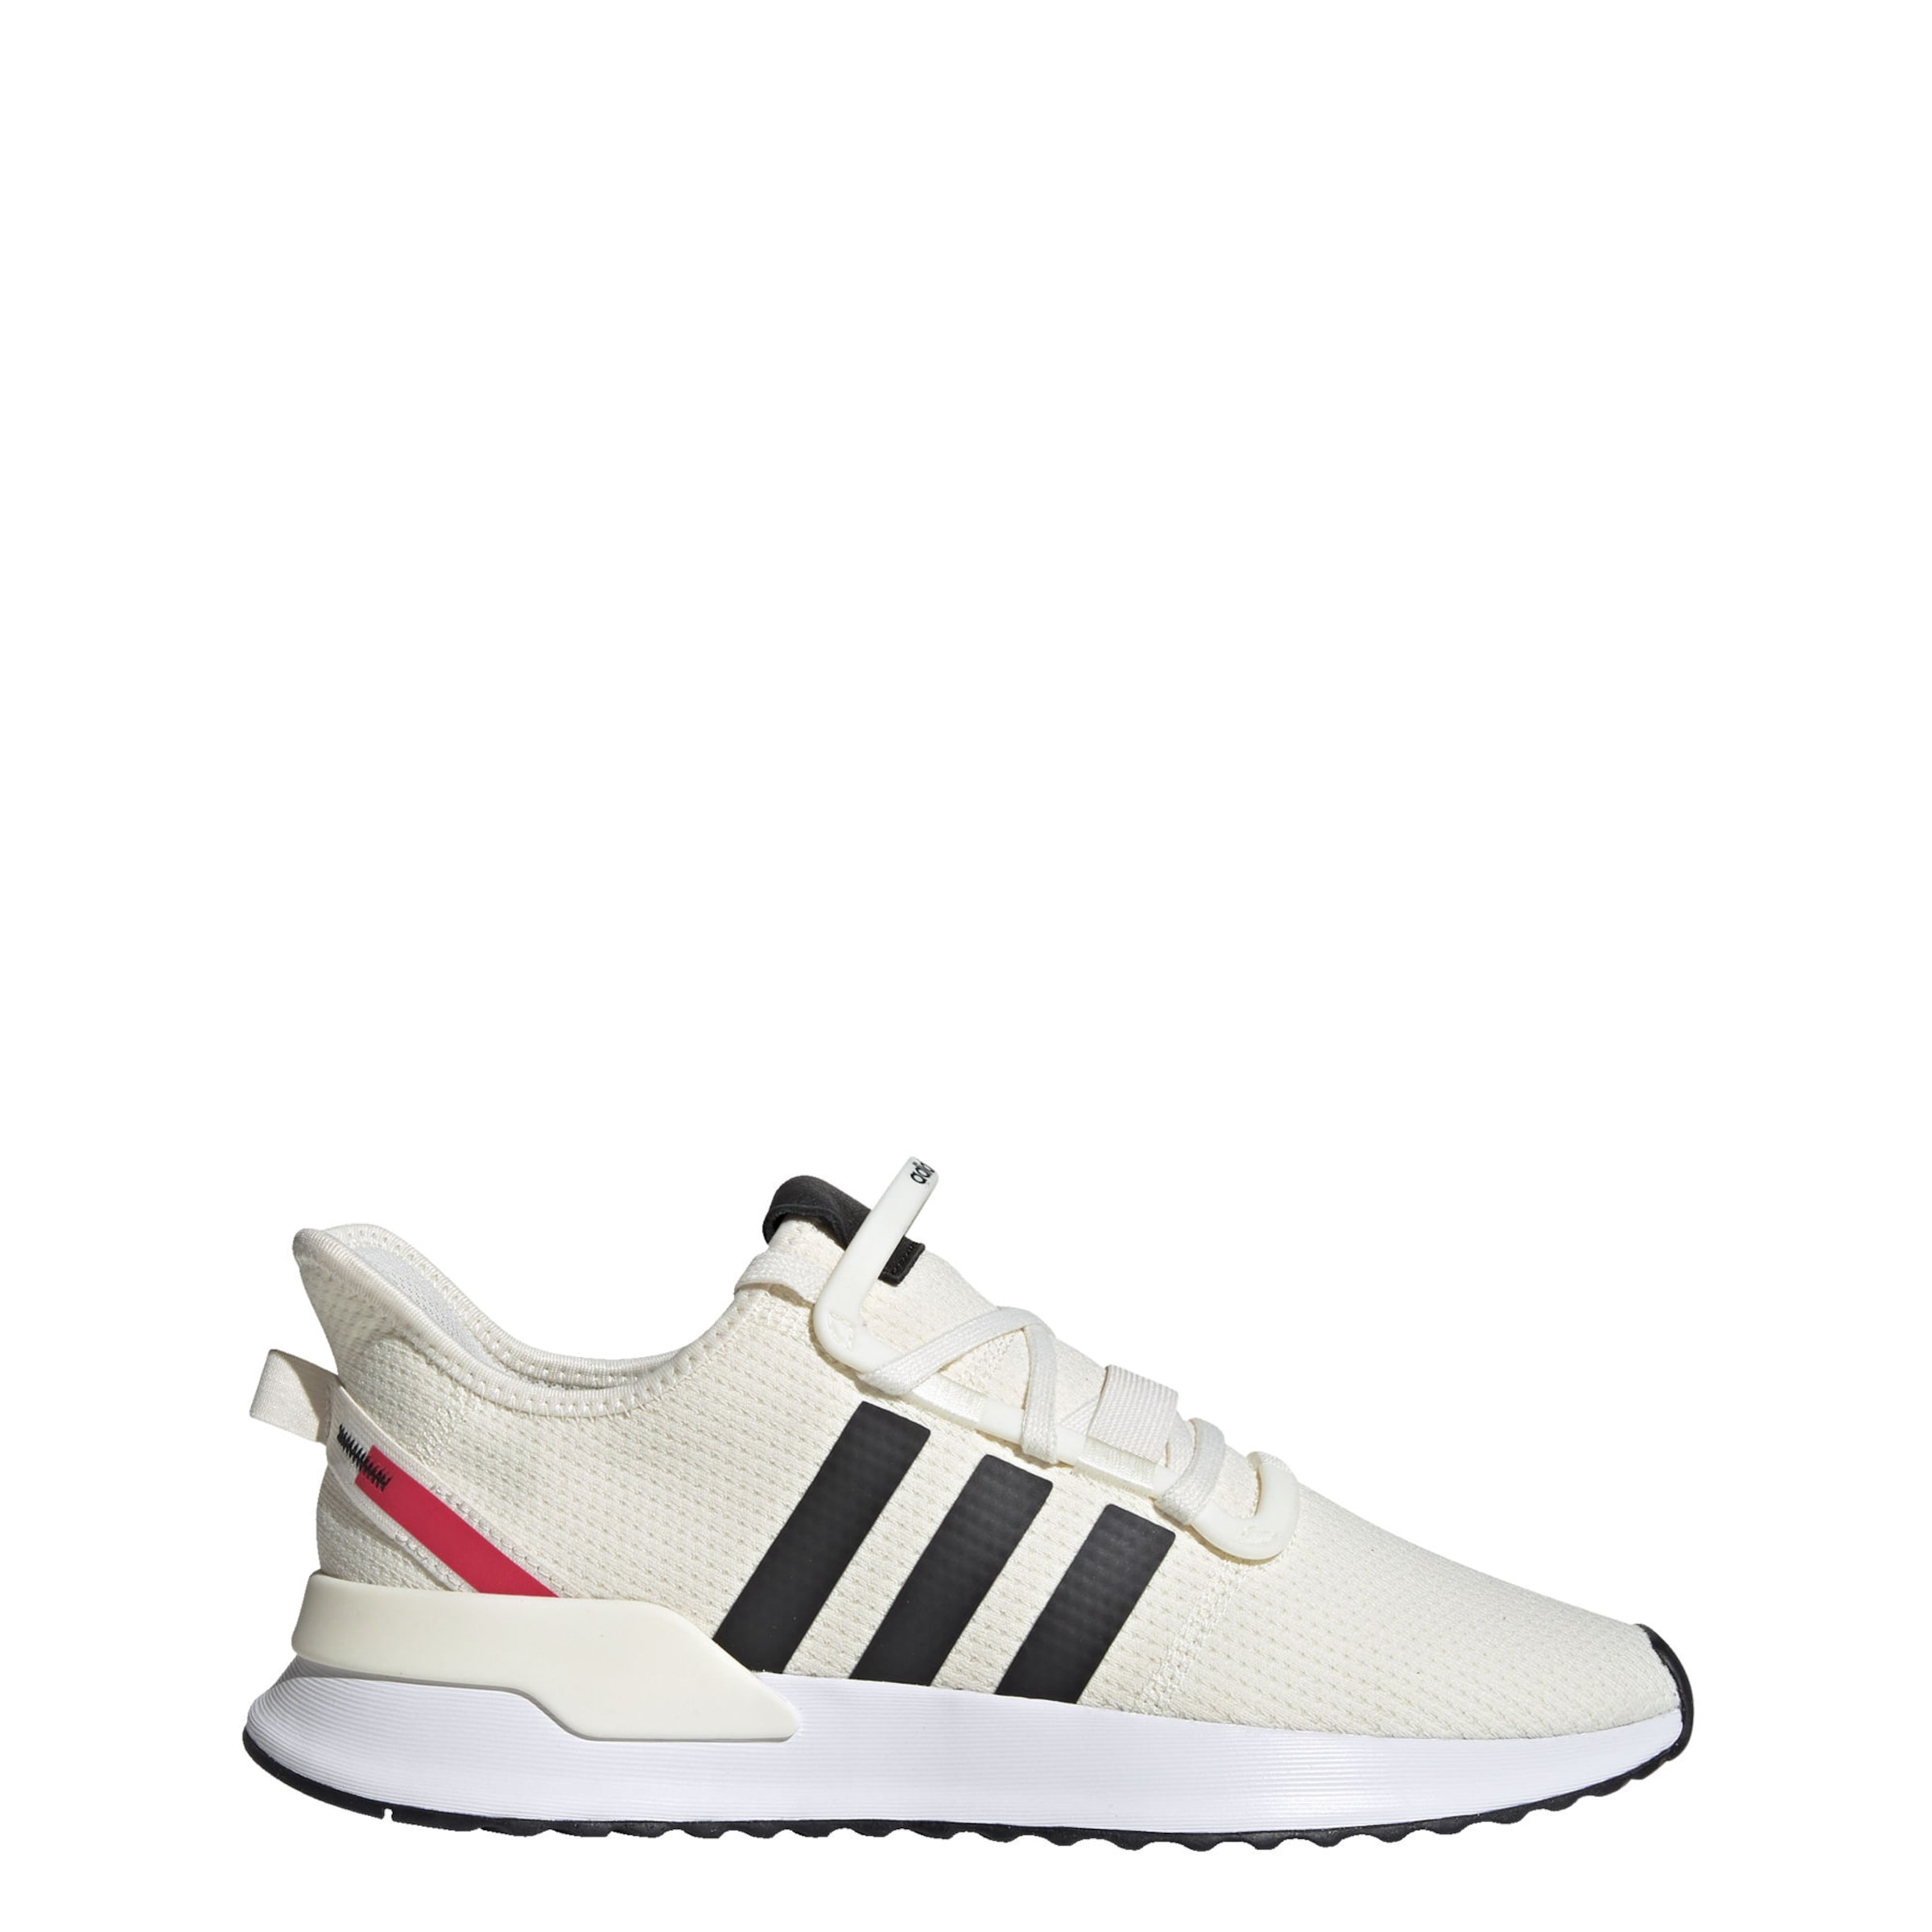 Adidas Run' In path Weiß RotSchwarz Originals Sneaker 'u b7Ivf6Ygy